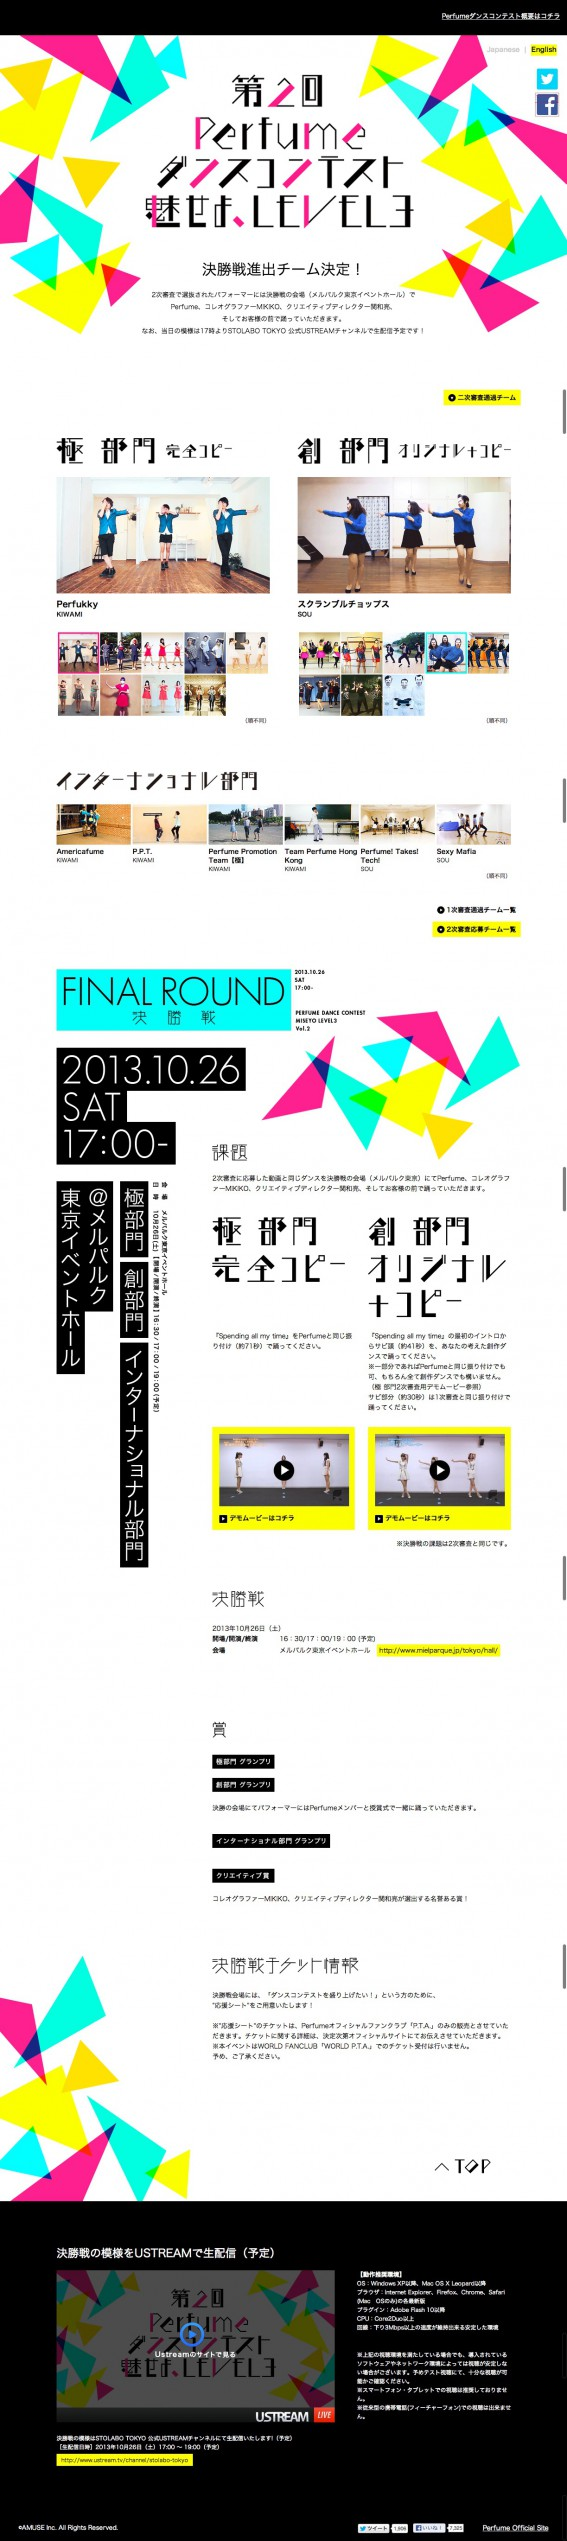 第2回 Perfumeダンスコンテスト ~魅せよ、LEVEL3~